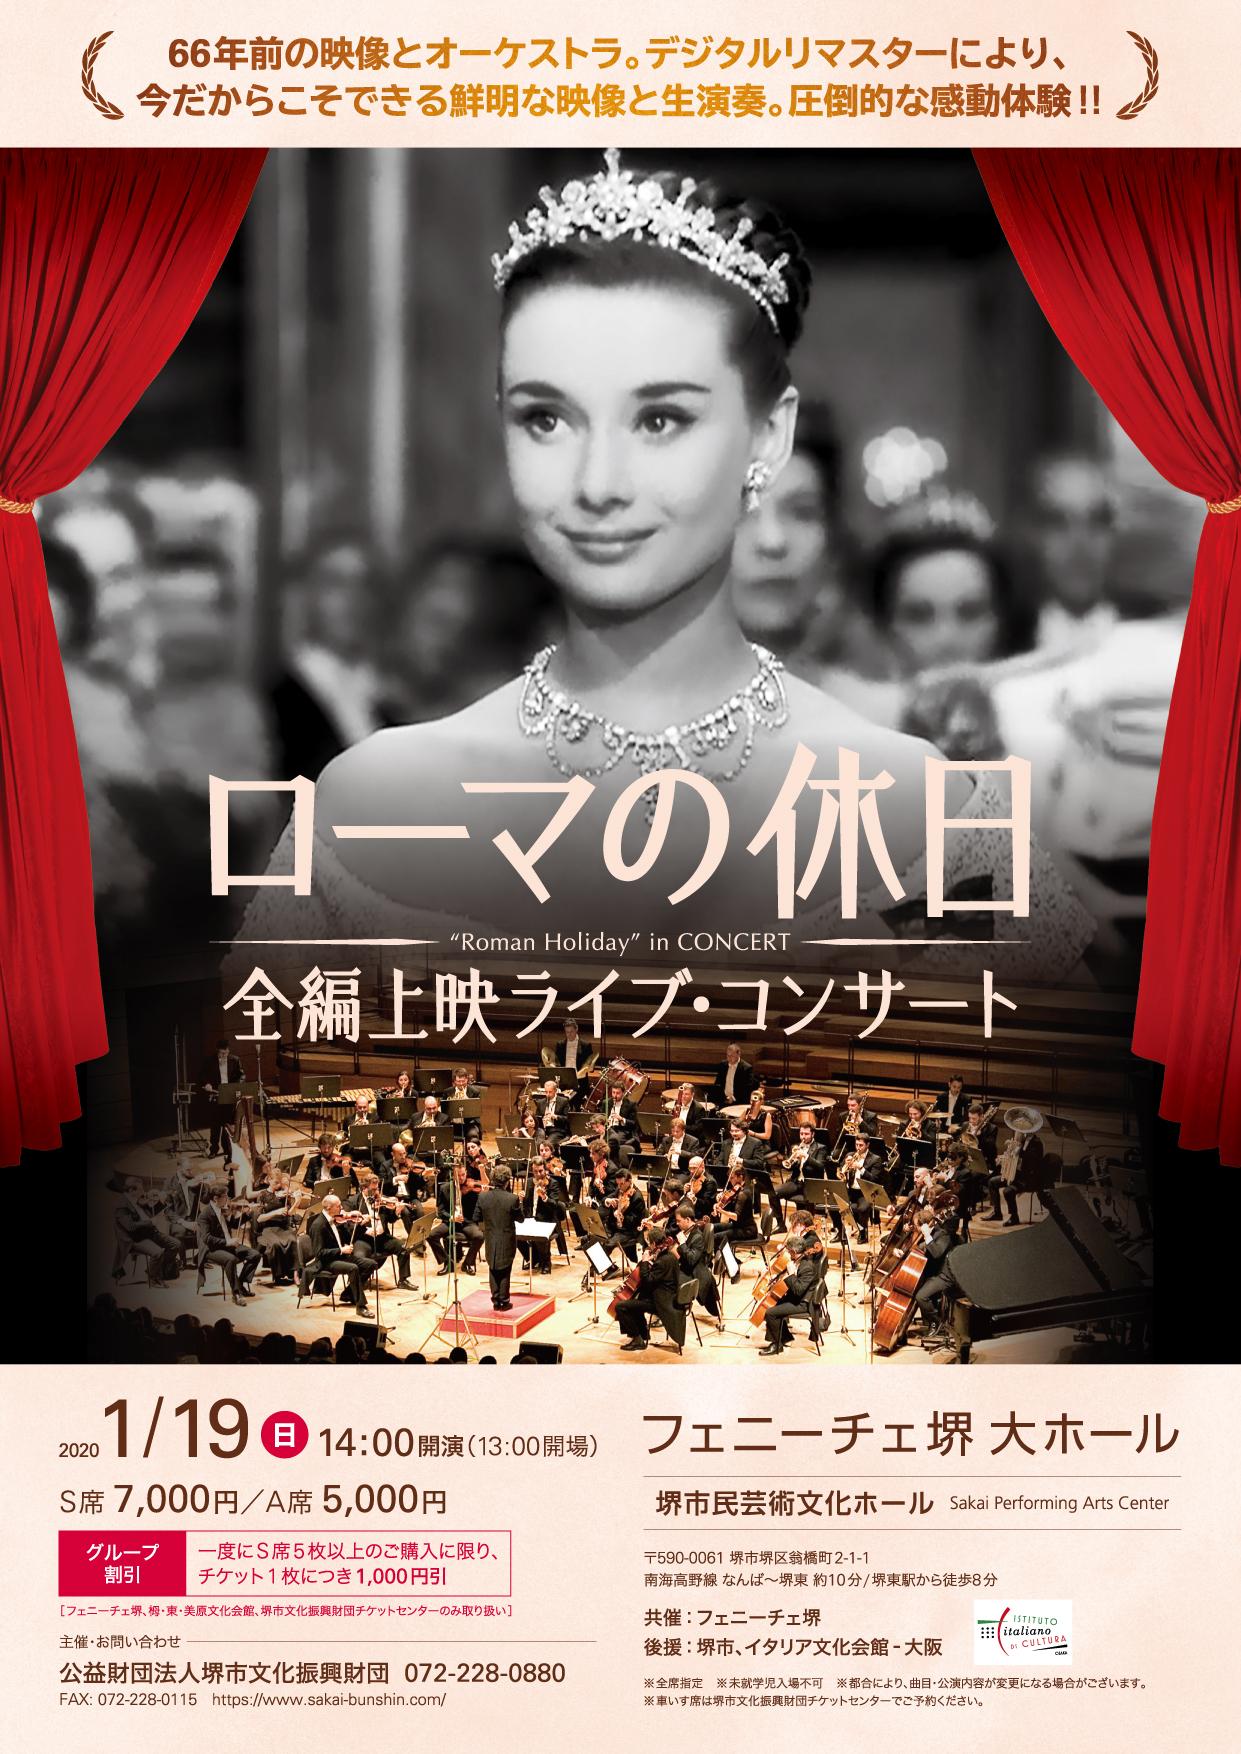 「ローマの休日」全編上映ライブ・コンサート